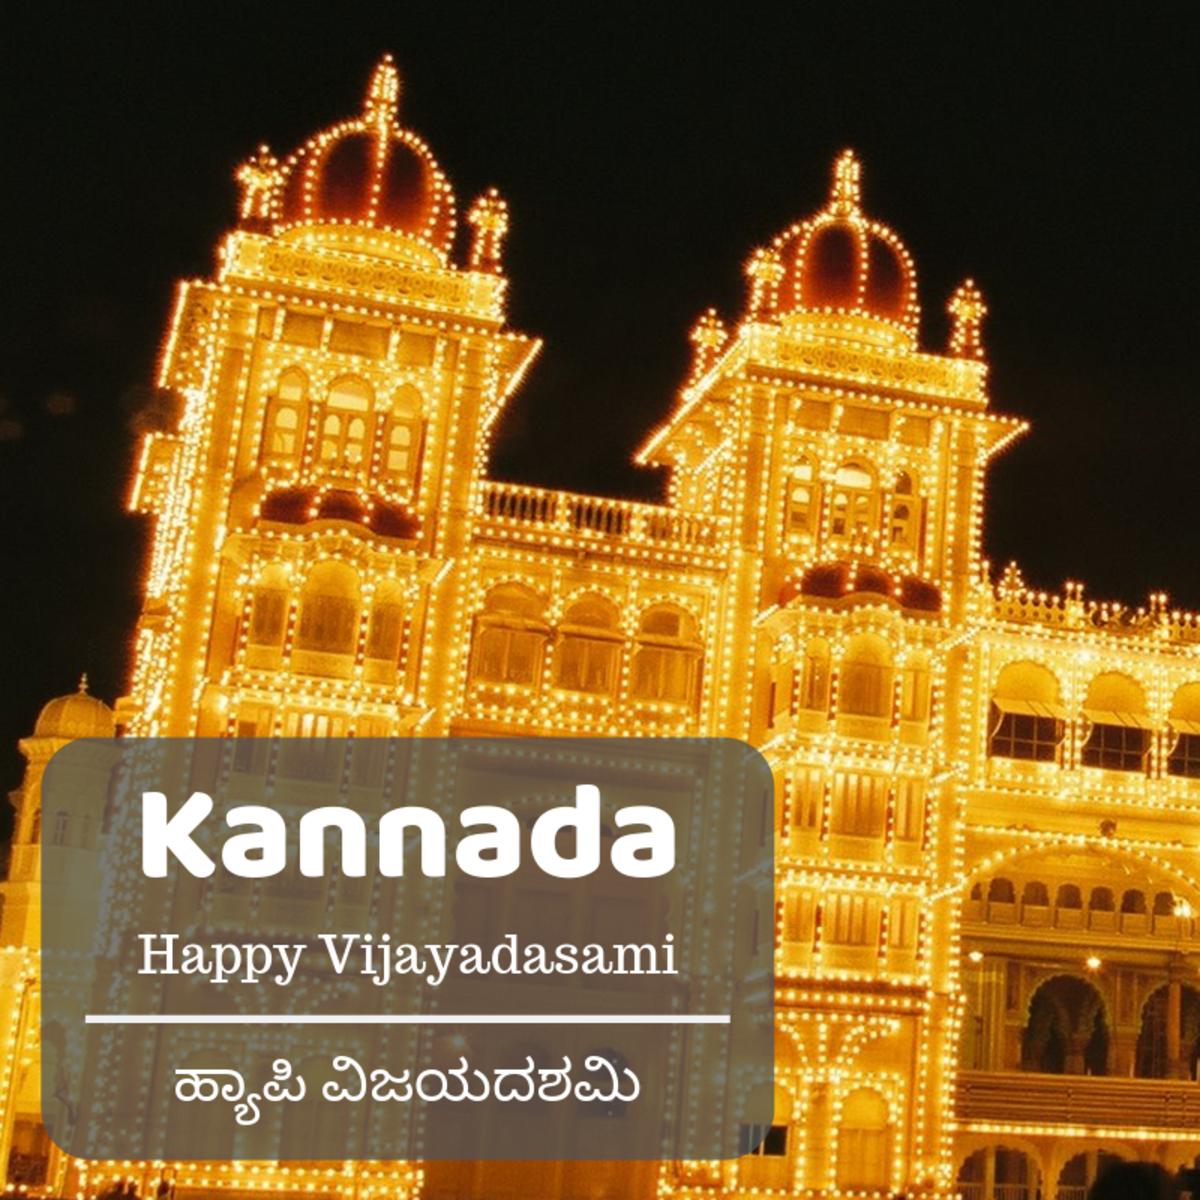 Happy Vijayadasami—ಹ್ಯಾಪಿ ವಿಜಯದಶಮಿ